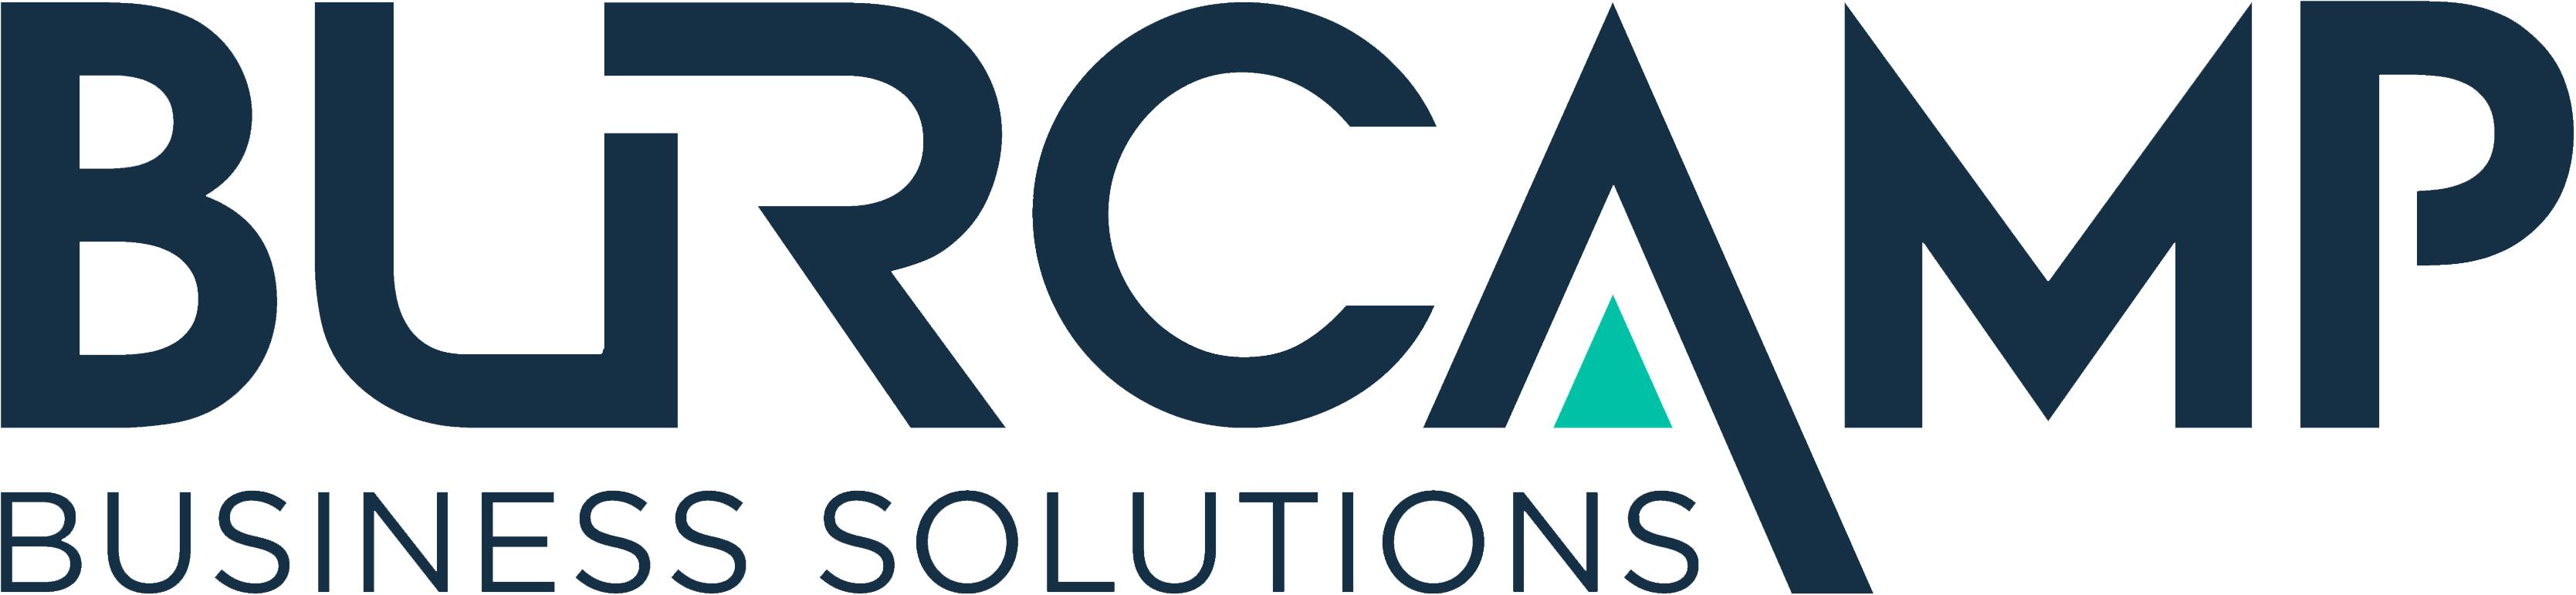 Burcamp Logo